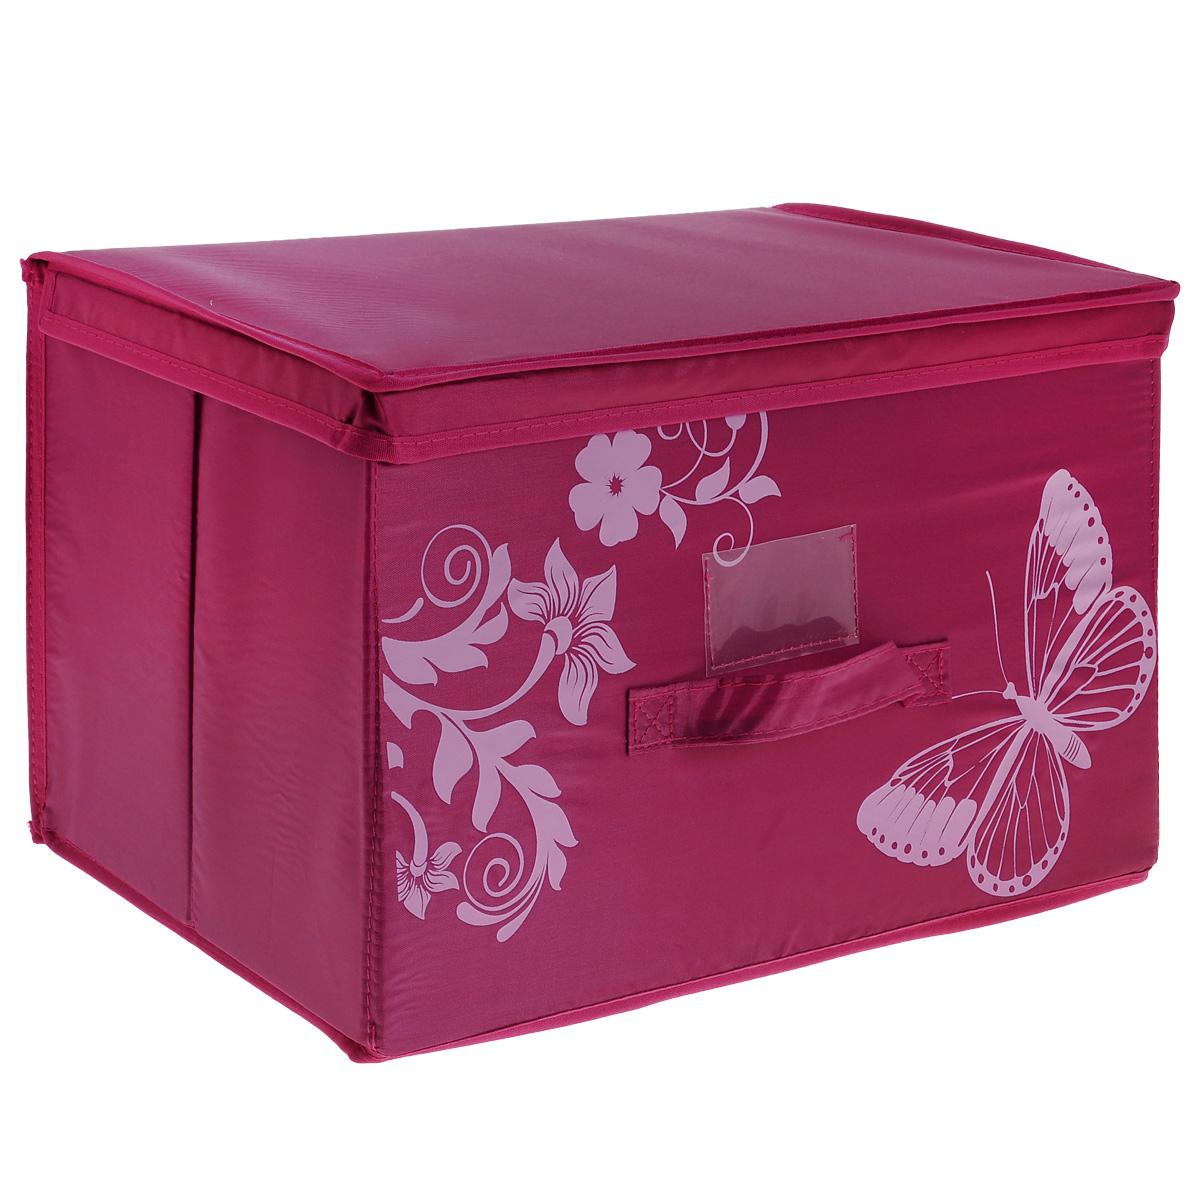 Коробка для хранения Hausmann Butterfly, цвет: розовый, 43 х 27 х 27 см4P-102-4CКоробка для хранения Hausmann поможет легко организовать пространство в шкафу или в гардеробе. Изделие выполнено из нетканого материала и полиэстера с защитой от пыли. Коробка держит форму благодаря жесткой вставке из картона, которая устанавливается на дно. Боковая поверхность оформлена красивым принтом и изображением бабочки. Имеется ручка, крышка и прозрачный карман для пометки содержимого. В такой коробке удобно хранить одежду, текстиль, нижнее белье и различные аксессуары. Может быть использована как выдвижной ящик.